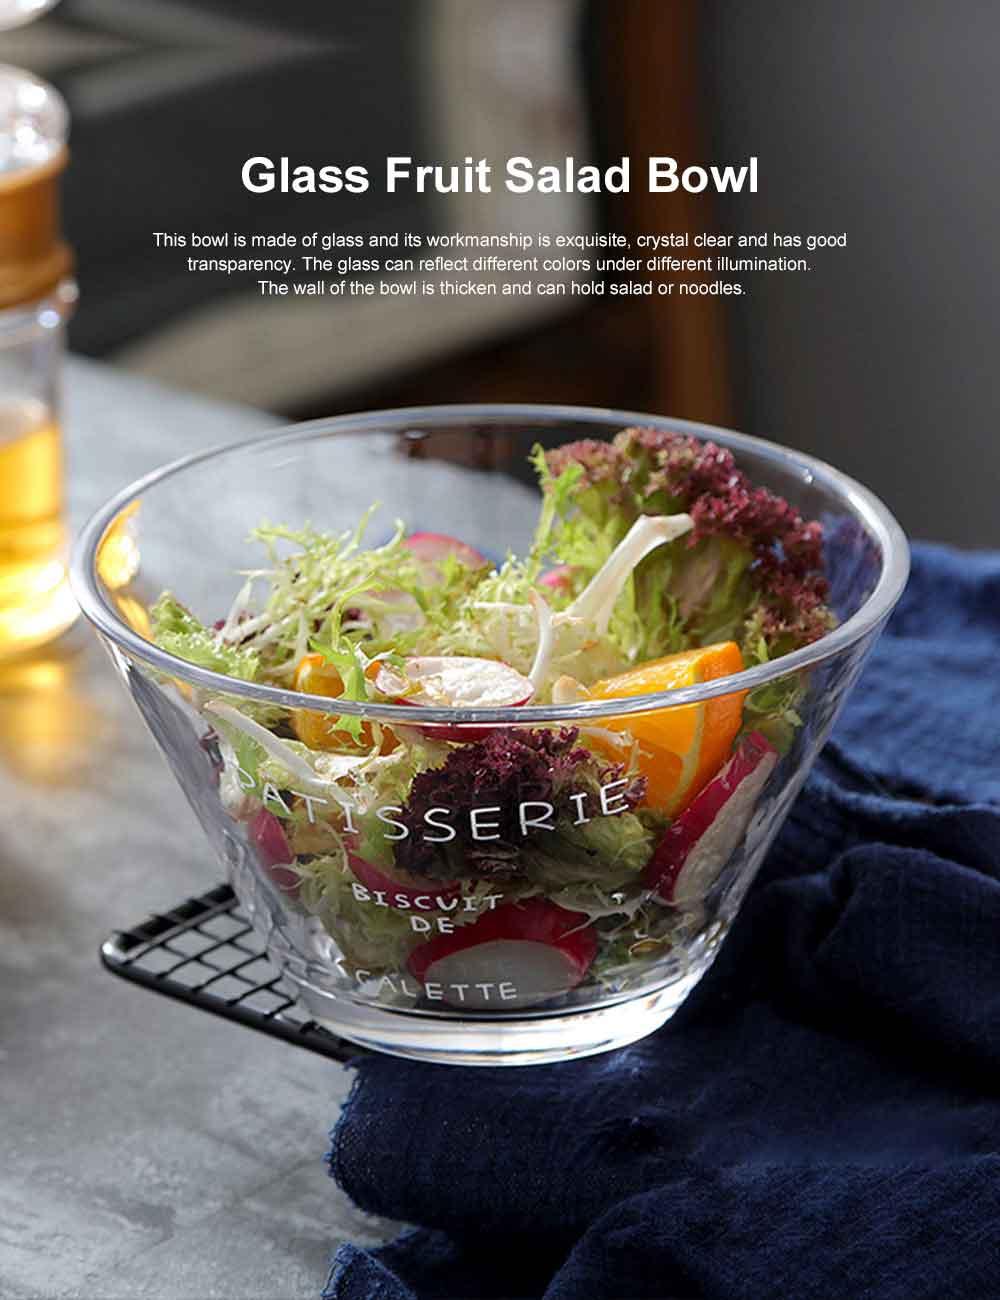 Glass Fruit Salad Bowl, Transparent Bowl Dessert Vegetable Ice Cream Noodle Bowl for Household With Forks 0